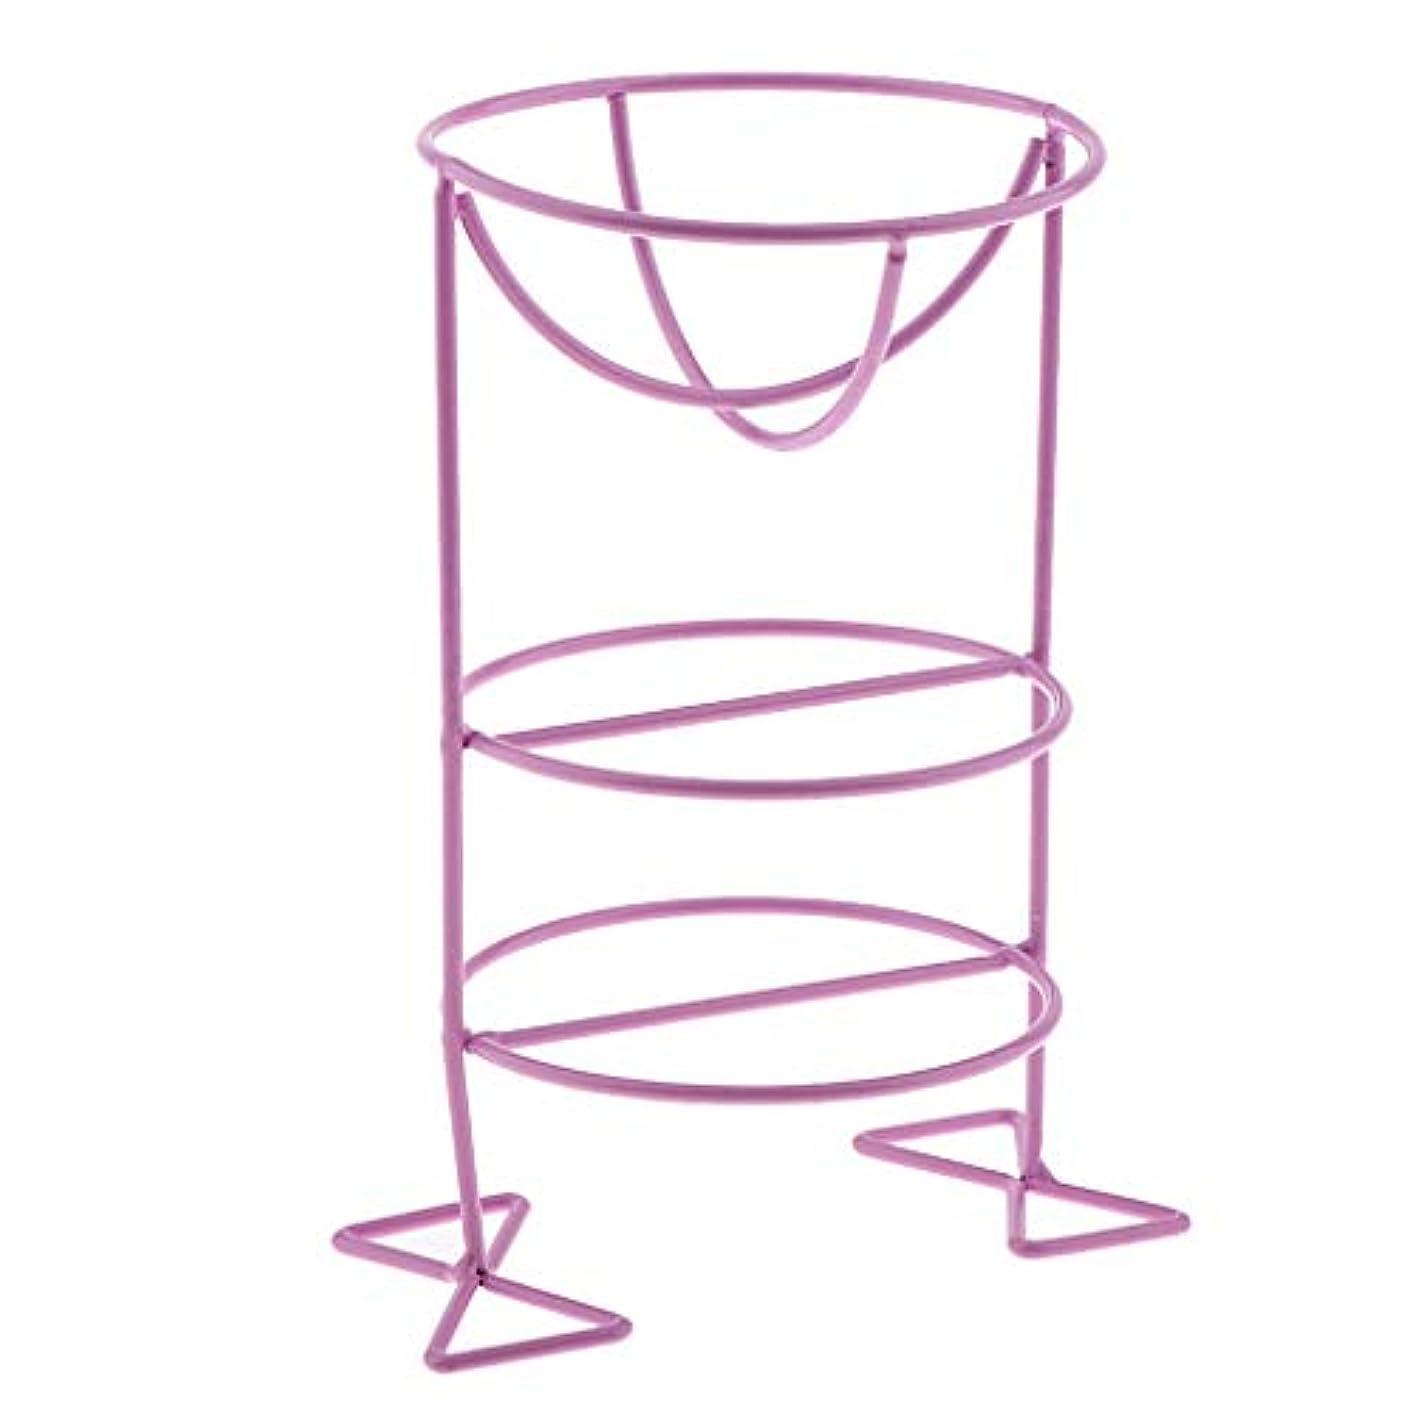 遊具タイプライター手書き化粧パフ スポンジ スタンド ディスプレイ ホルダー オーガナイザー 乾燥ラック 3色選べ - 紫